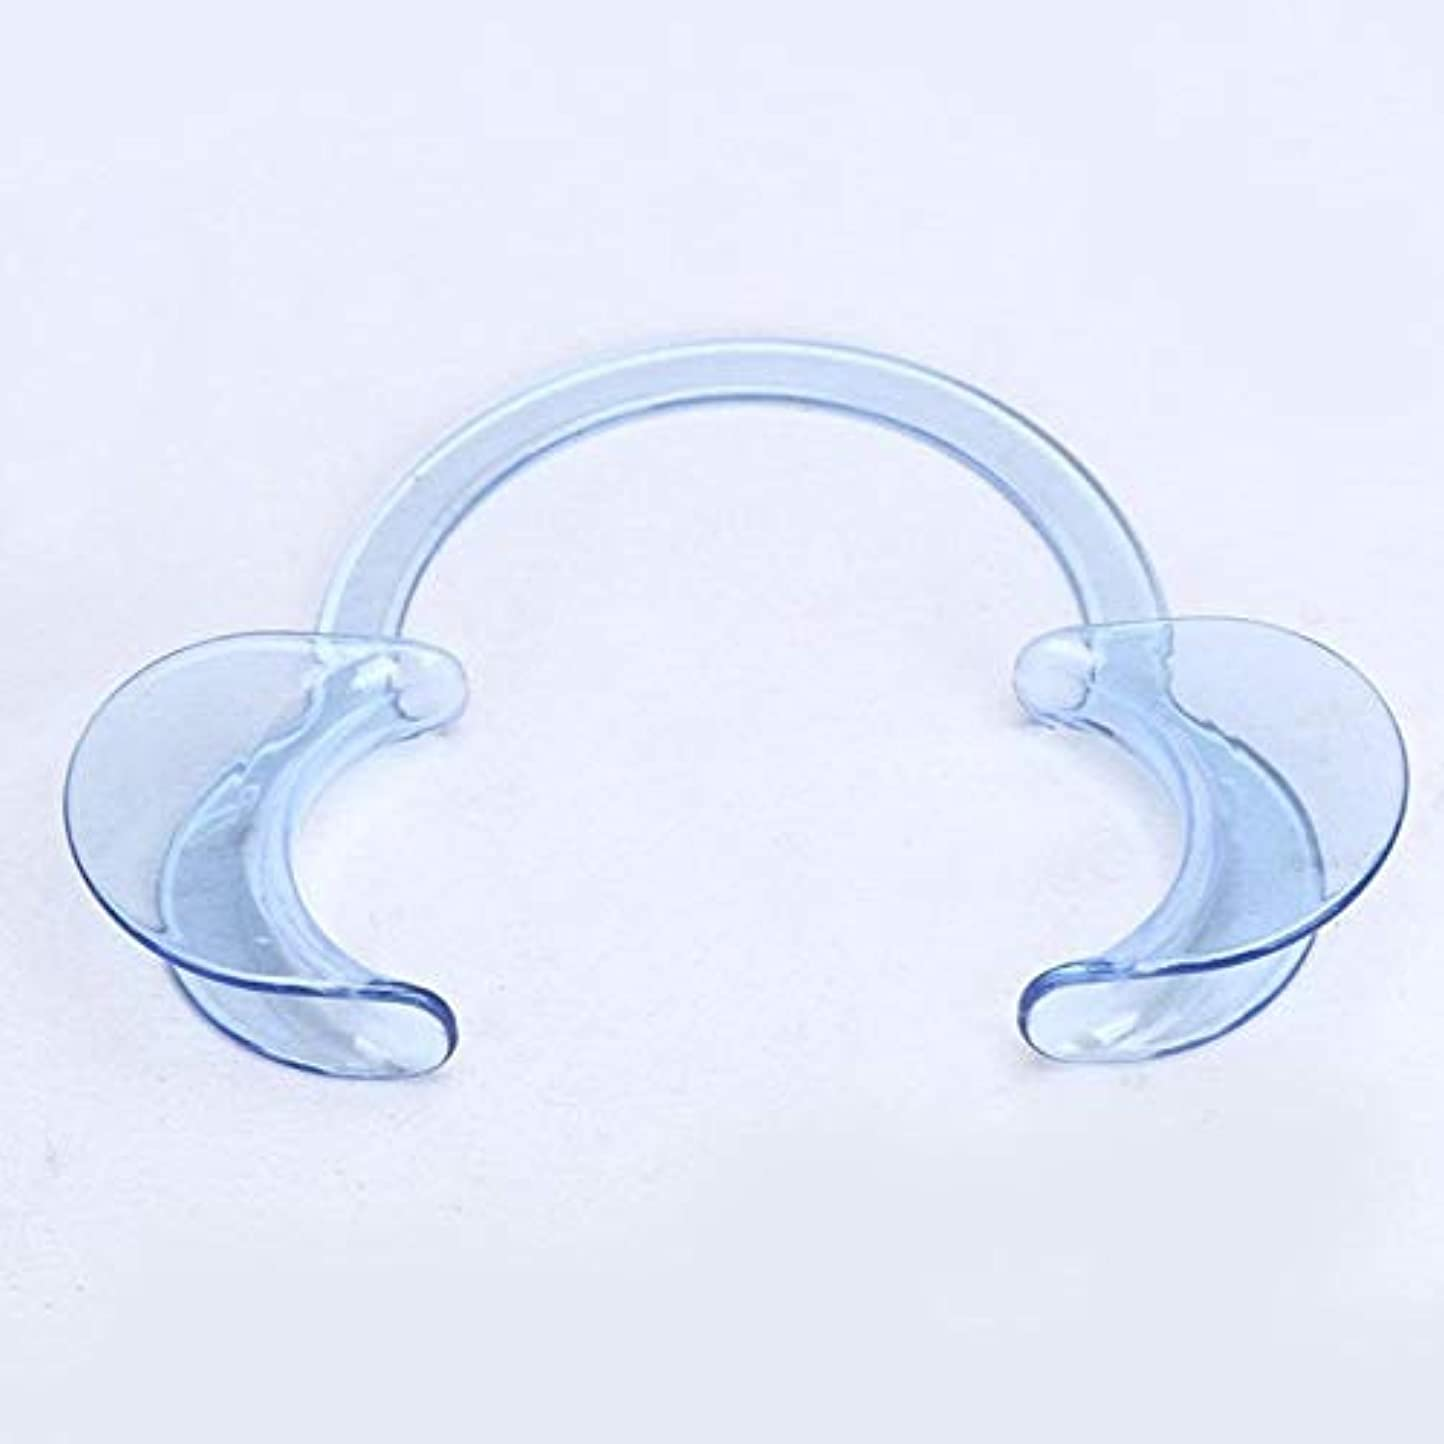 酒クランシーマントルDC パック 歯科 C型 開口器 口オープナー マウスオープナー 開口マウスオープナー C型ホワイトニング口の開創器